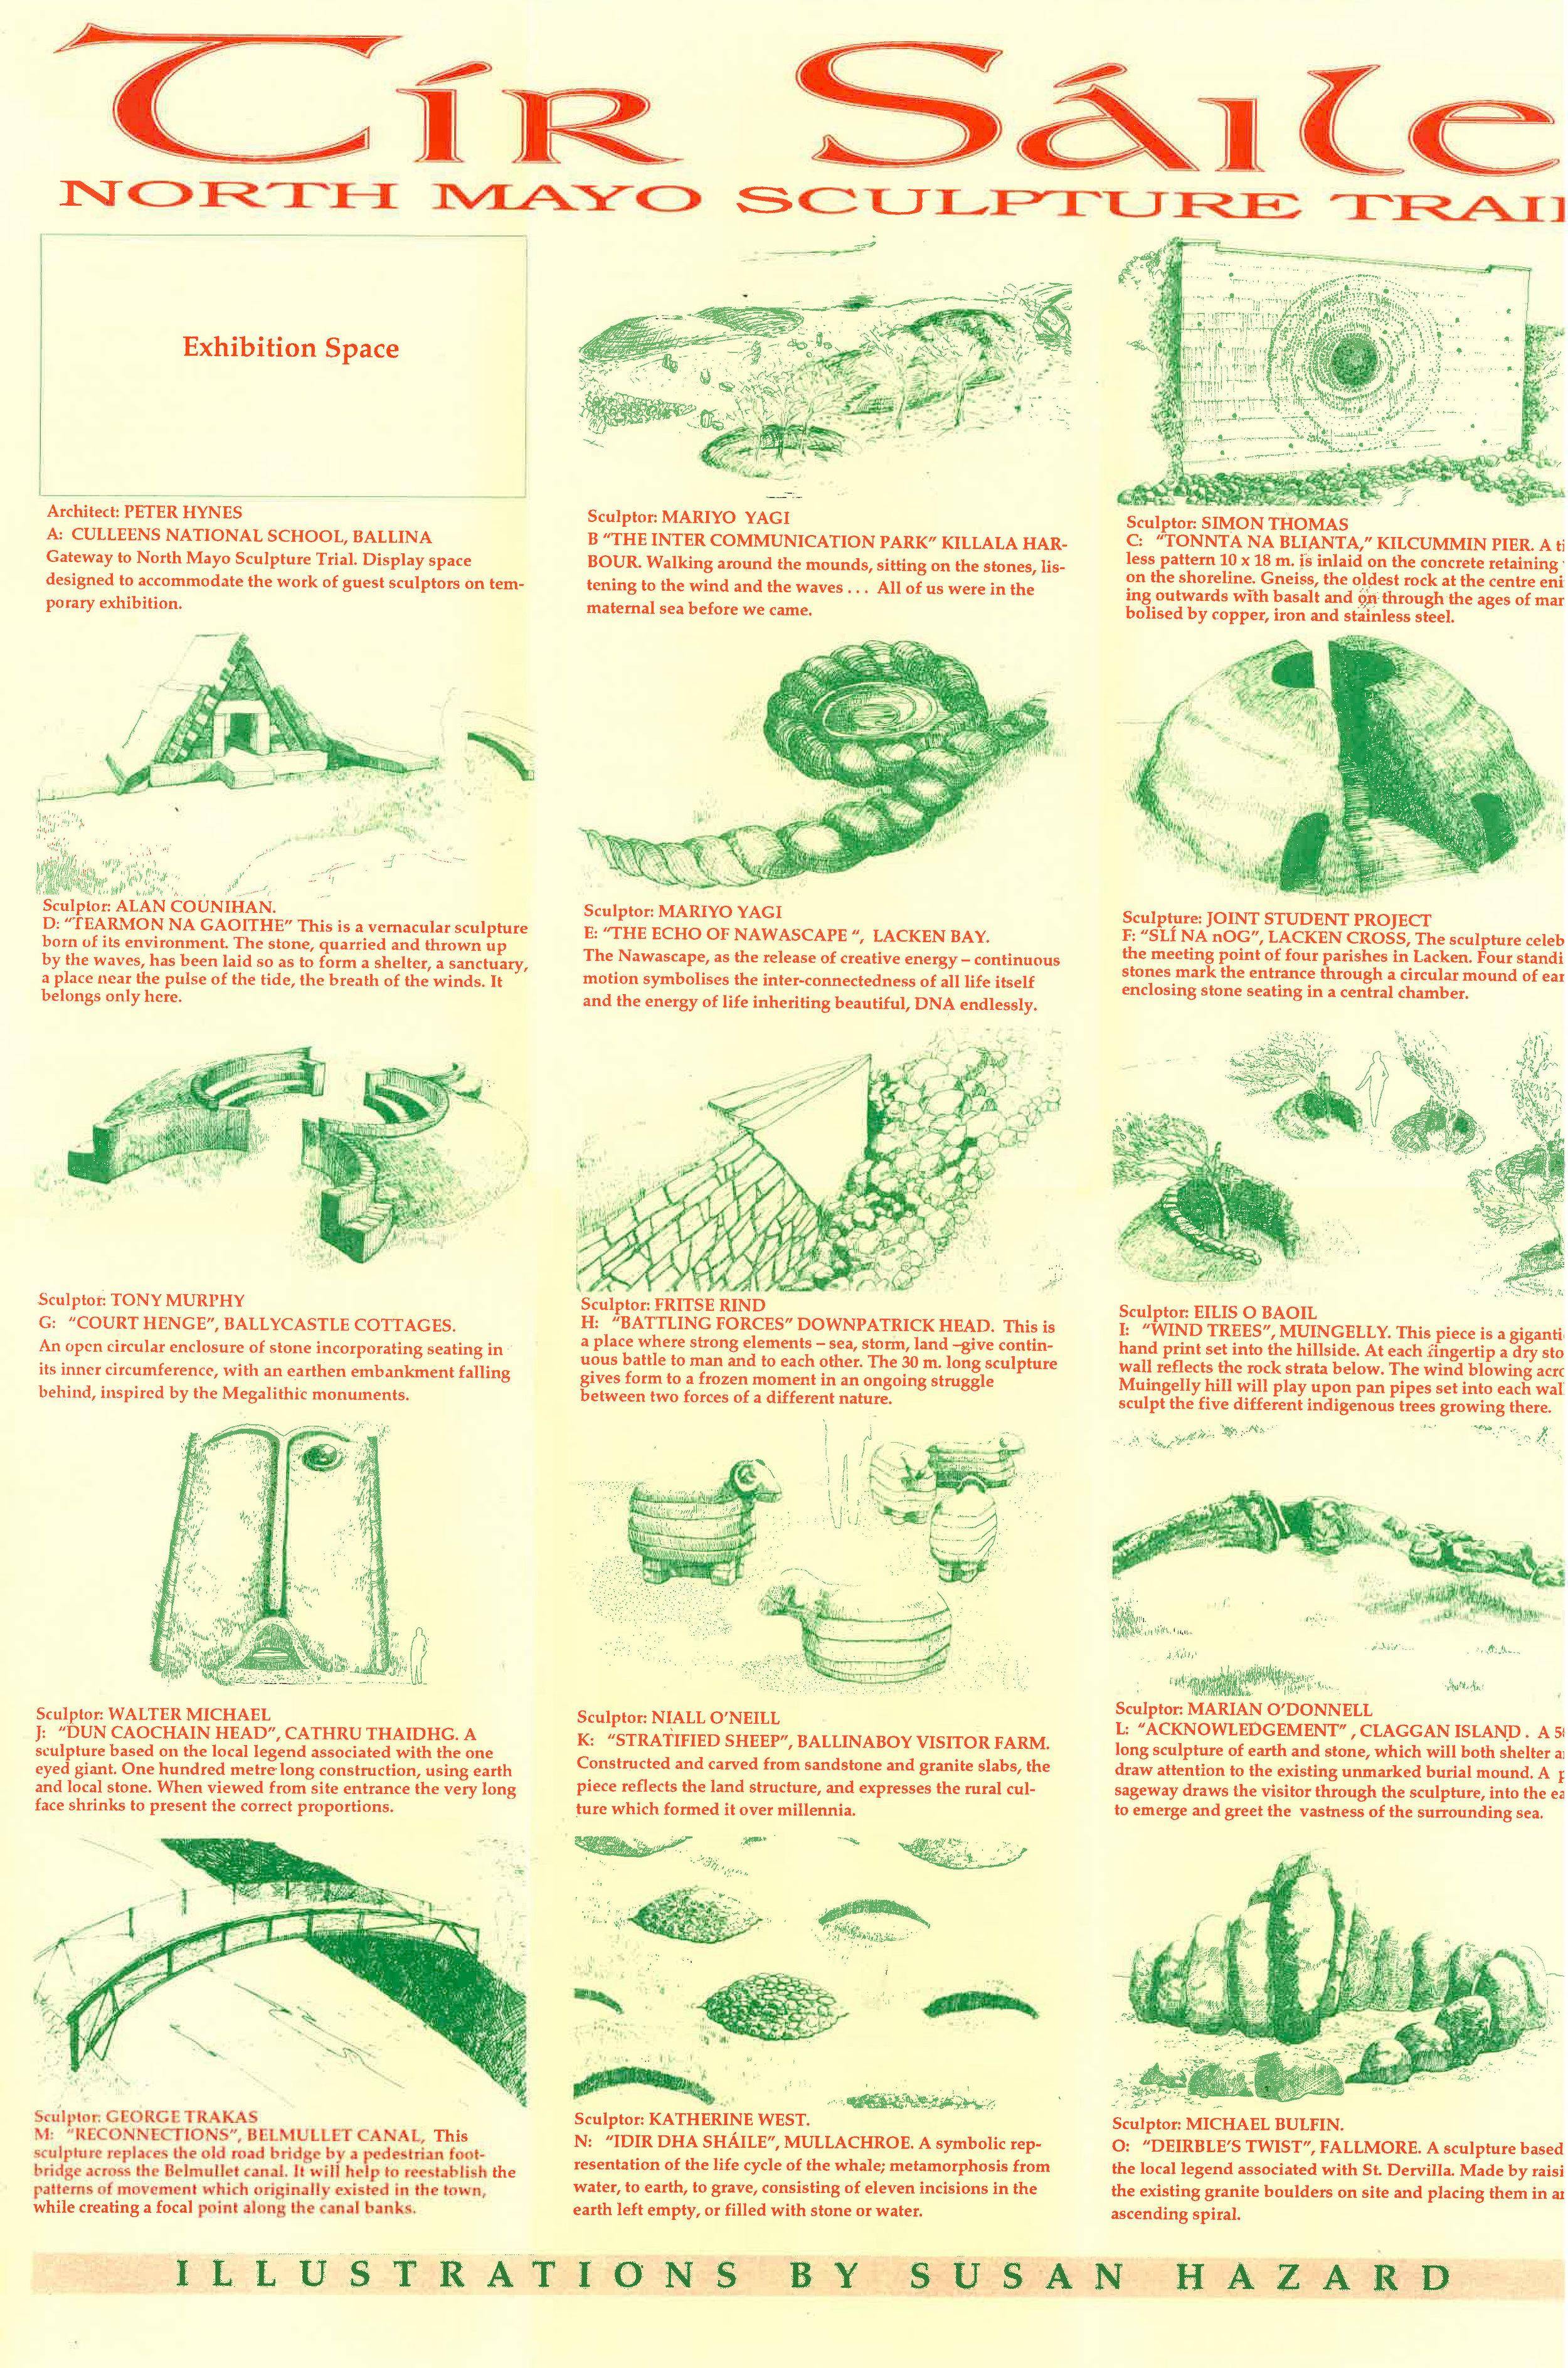 Original booklet